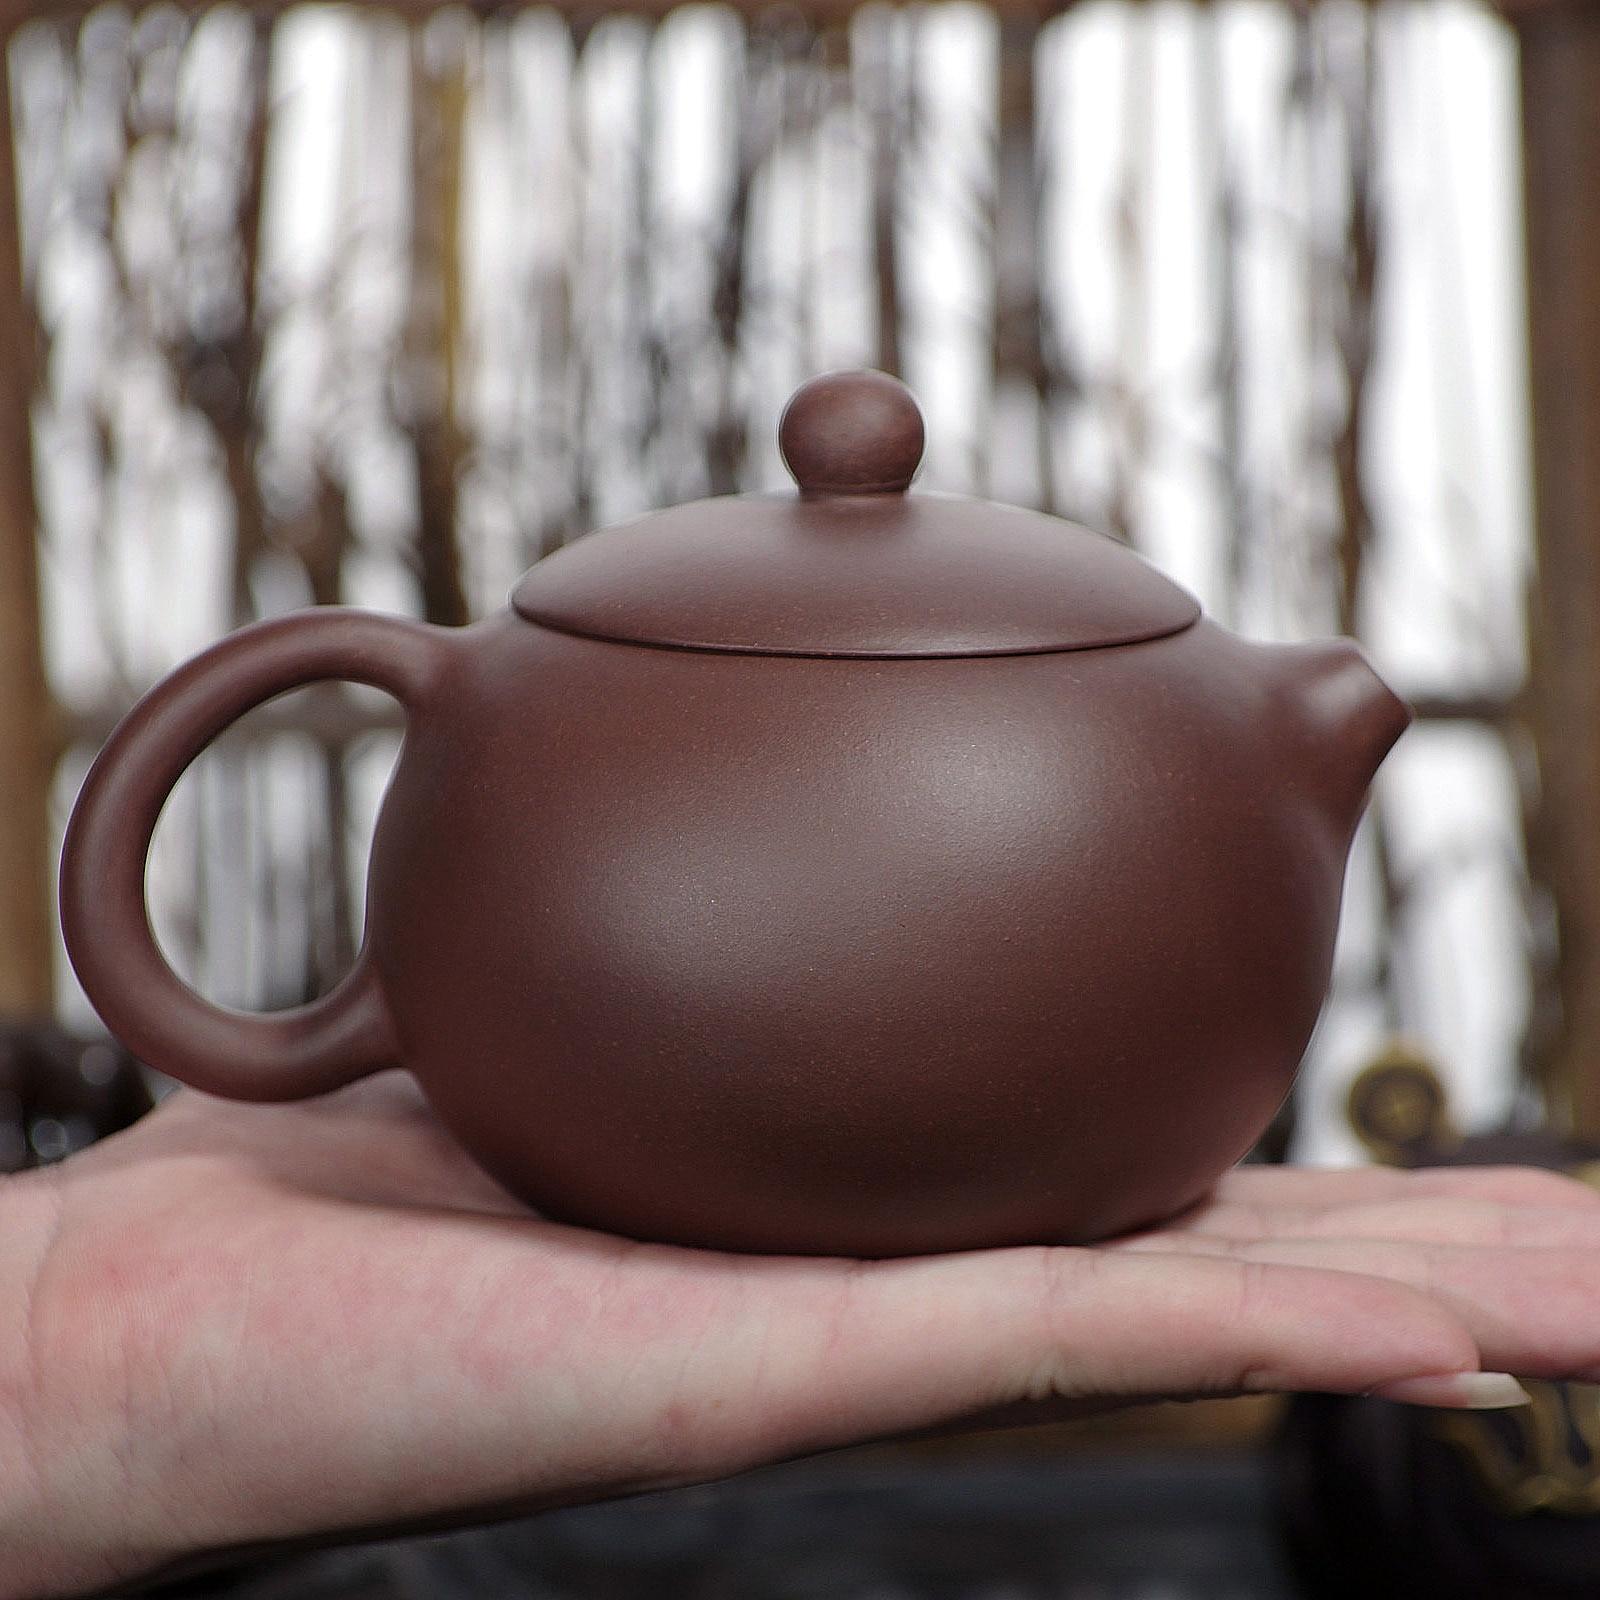 بيوتي-إبريق شاي Yixing Xi Shi Yixing ، صناعة يدوية ، إبريق شاي كونغ فو ، طين أرجواني ، خام 018